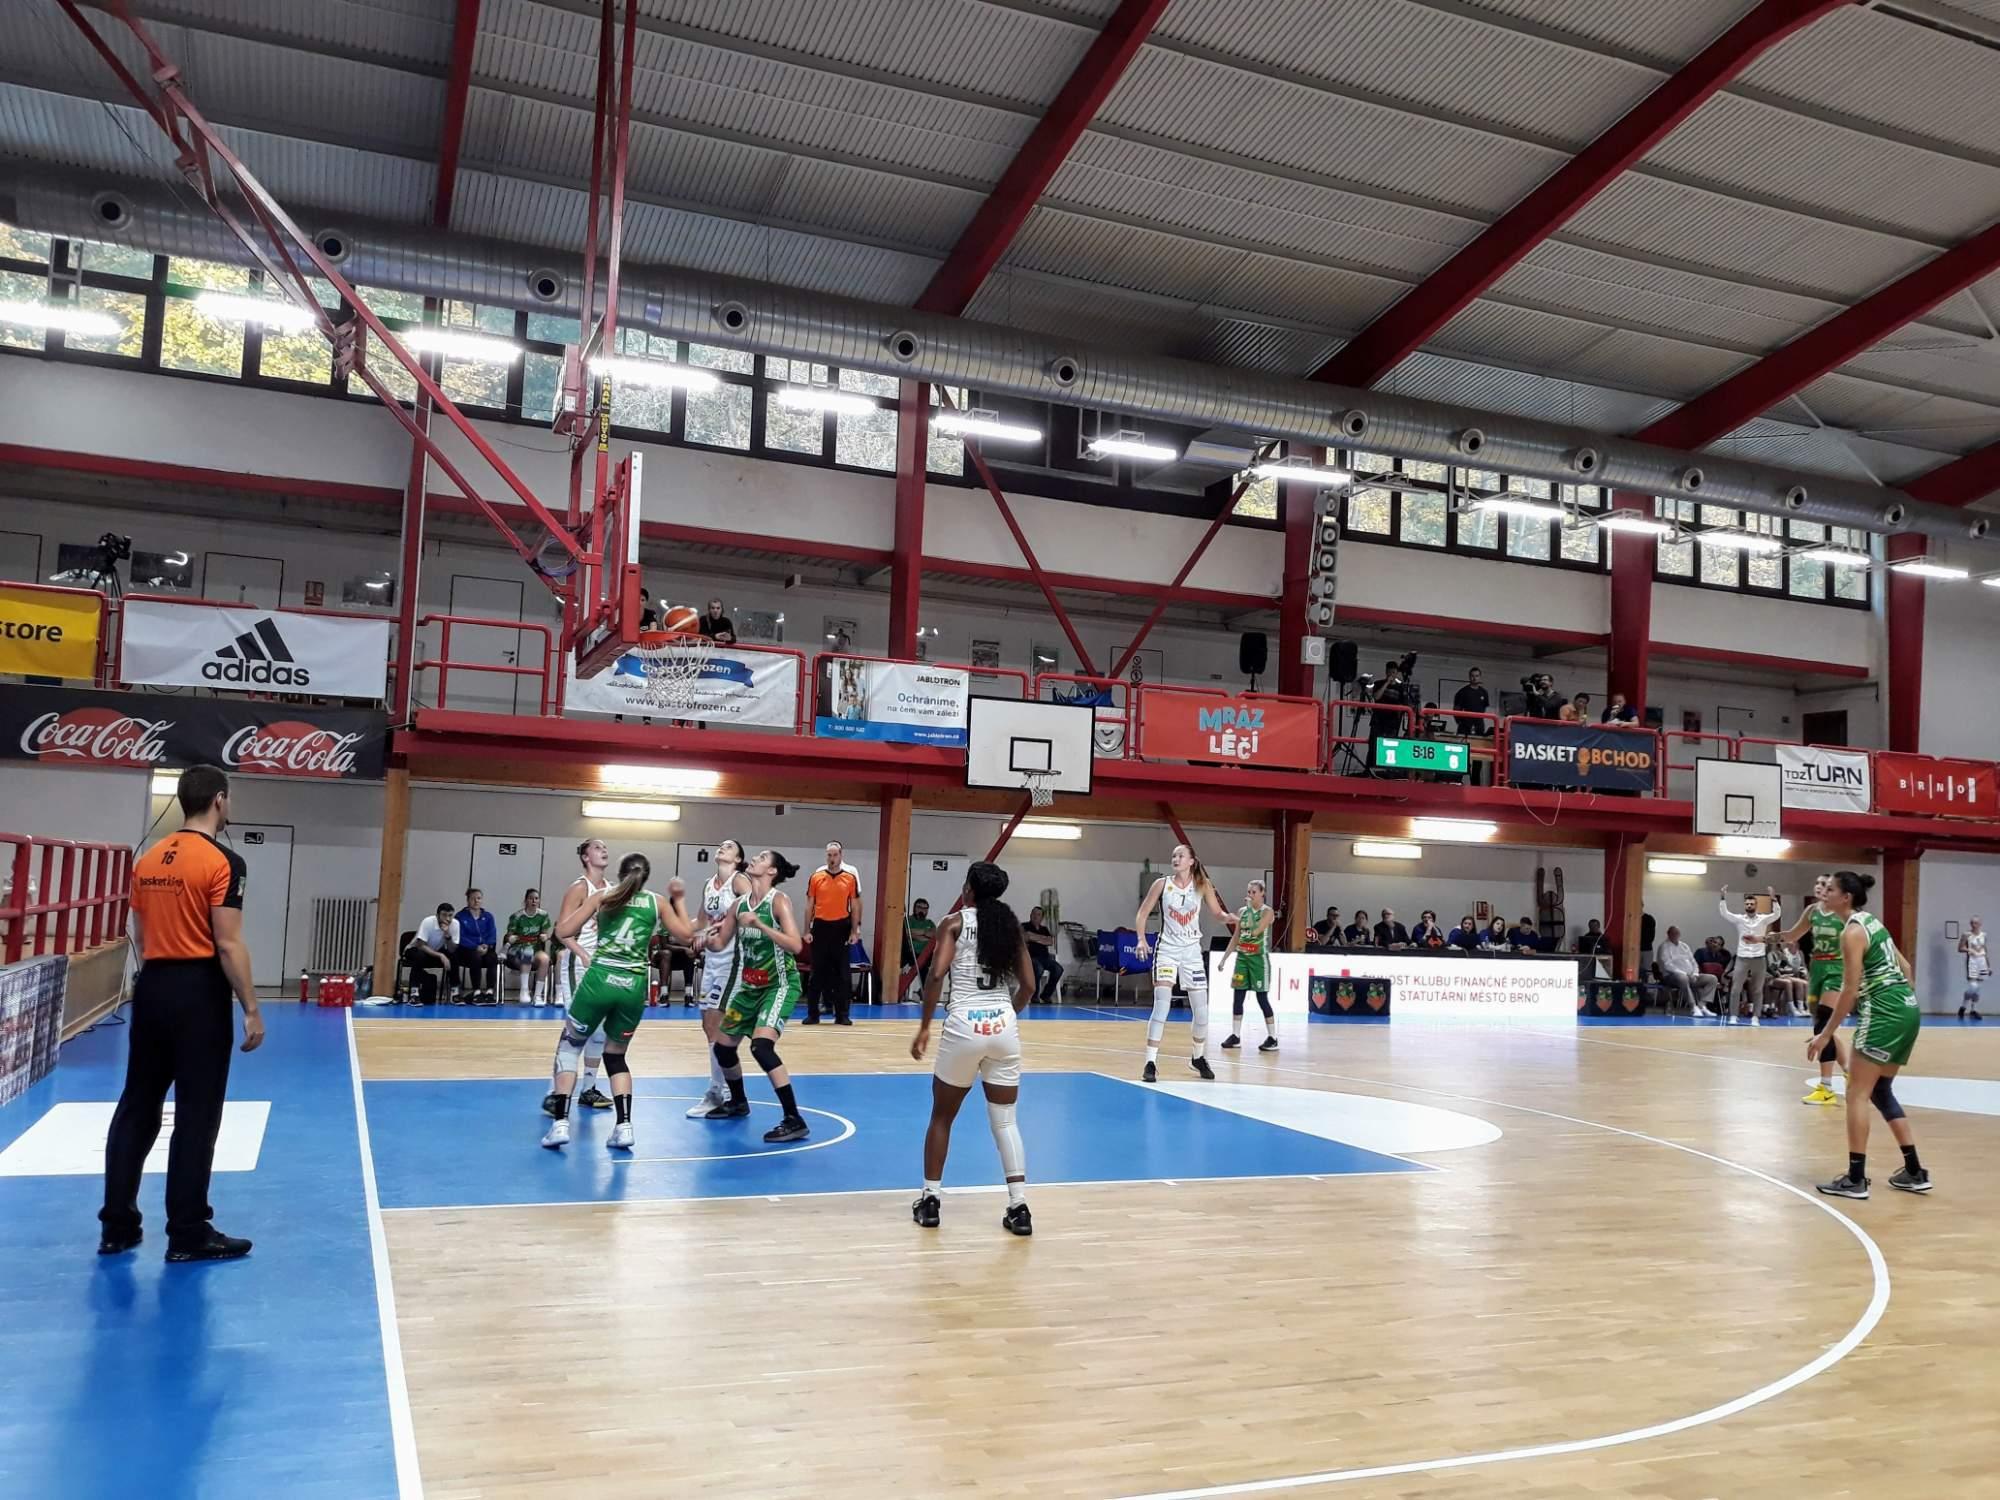 Zápas KP Brno a Žabin. Foto: Miroslava Putzlacherová